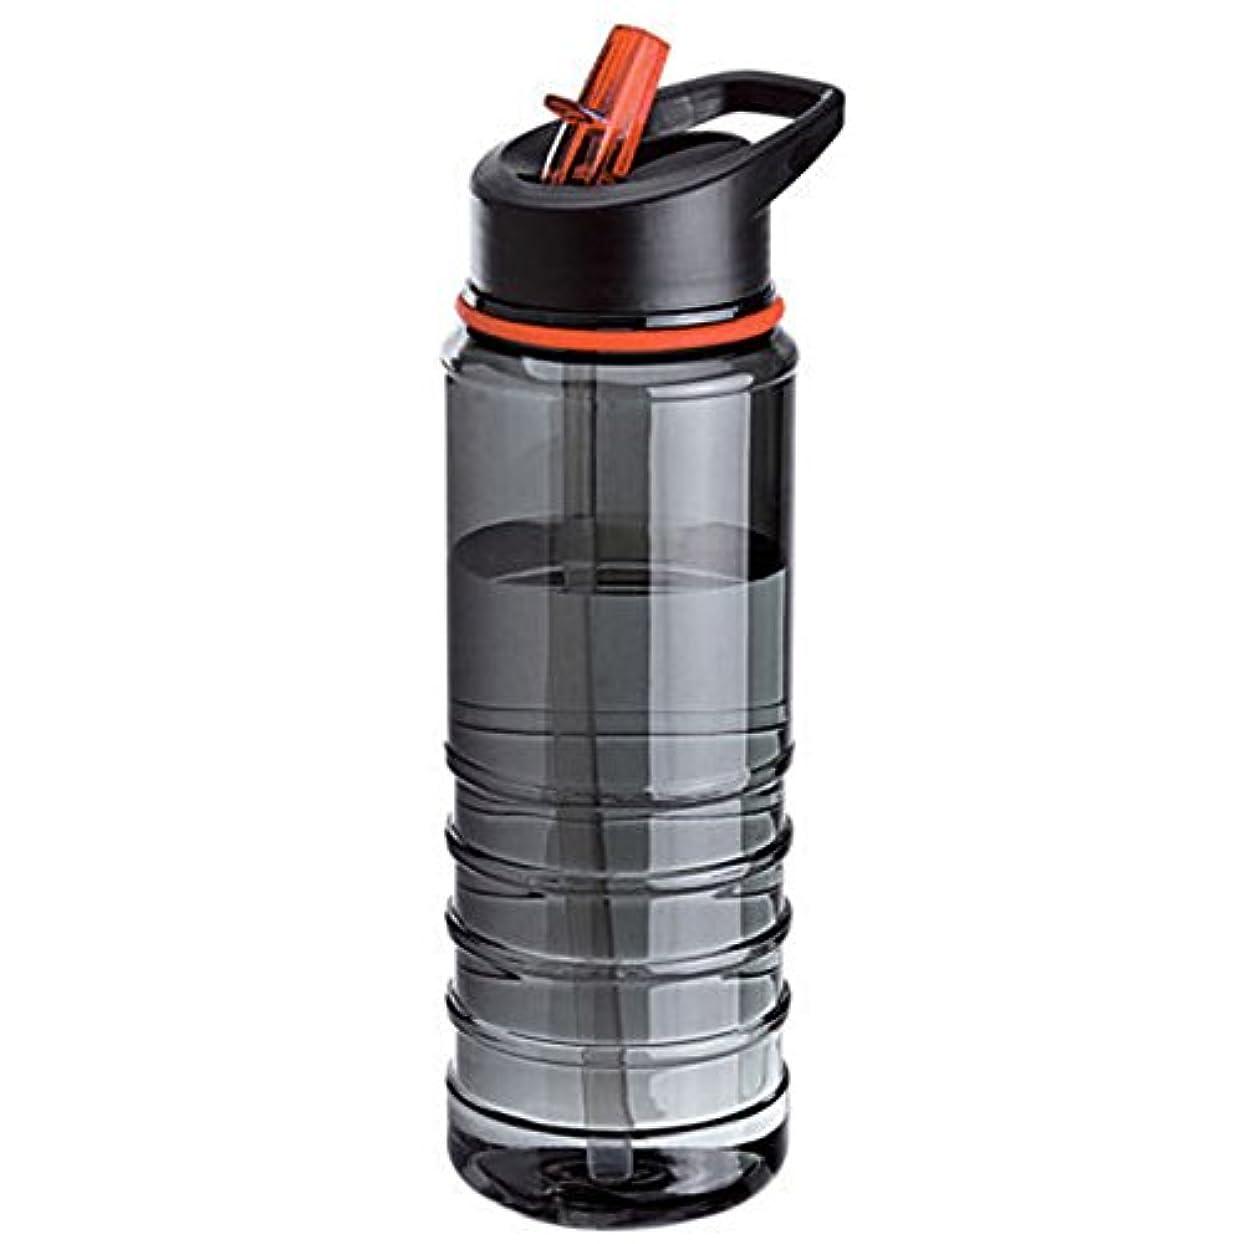 メイトの量加害者Merssavo 800MLフリップストロースポーツハイドレーションウォーターボトルカップサイクリングハイキングランニングボトル